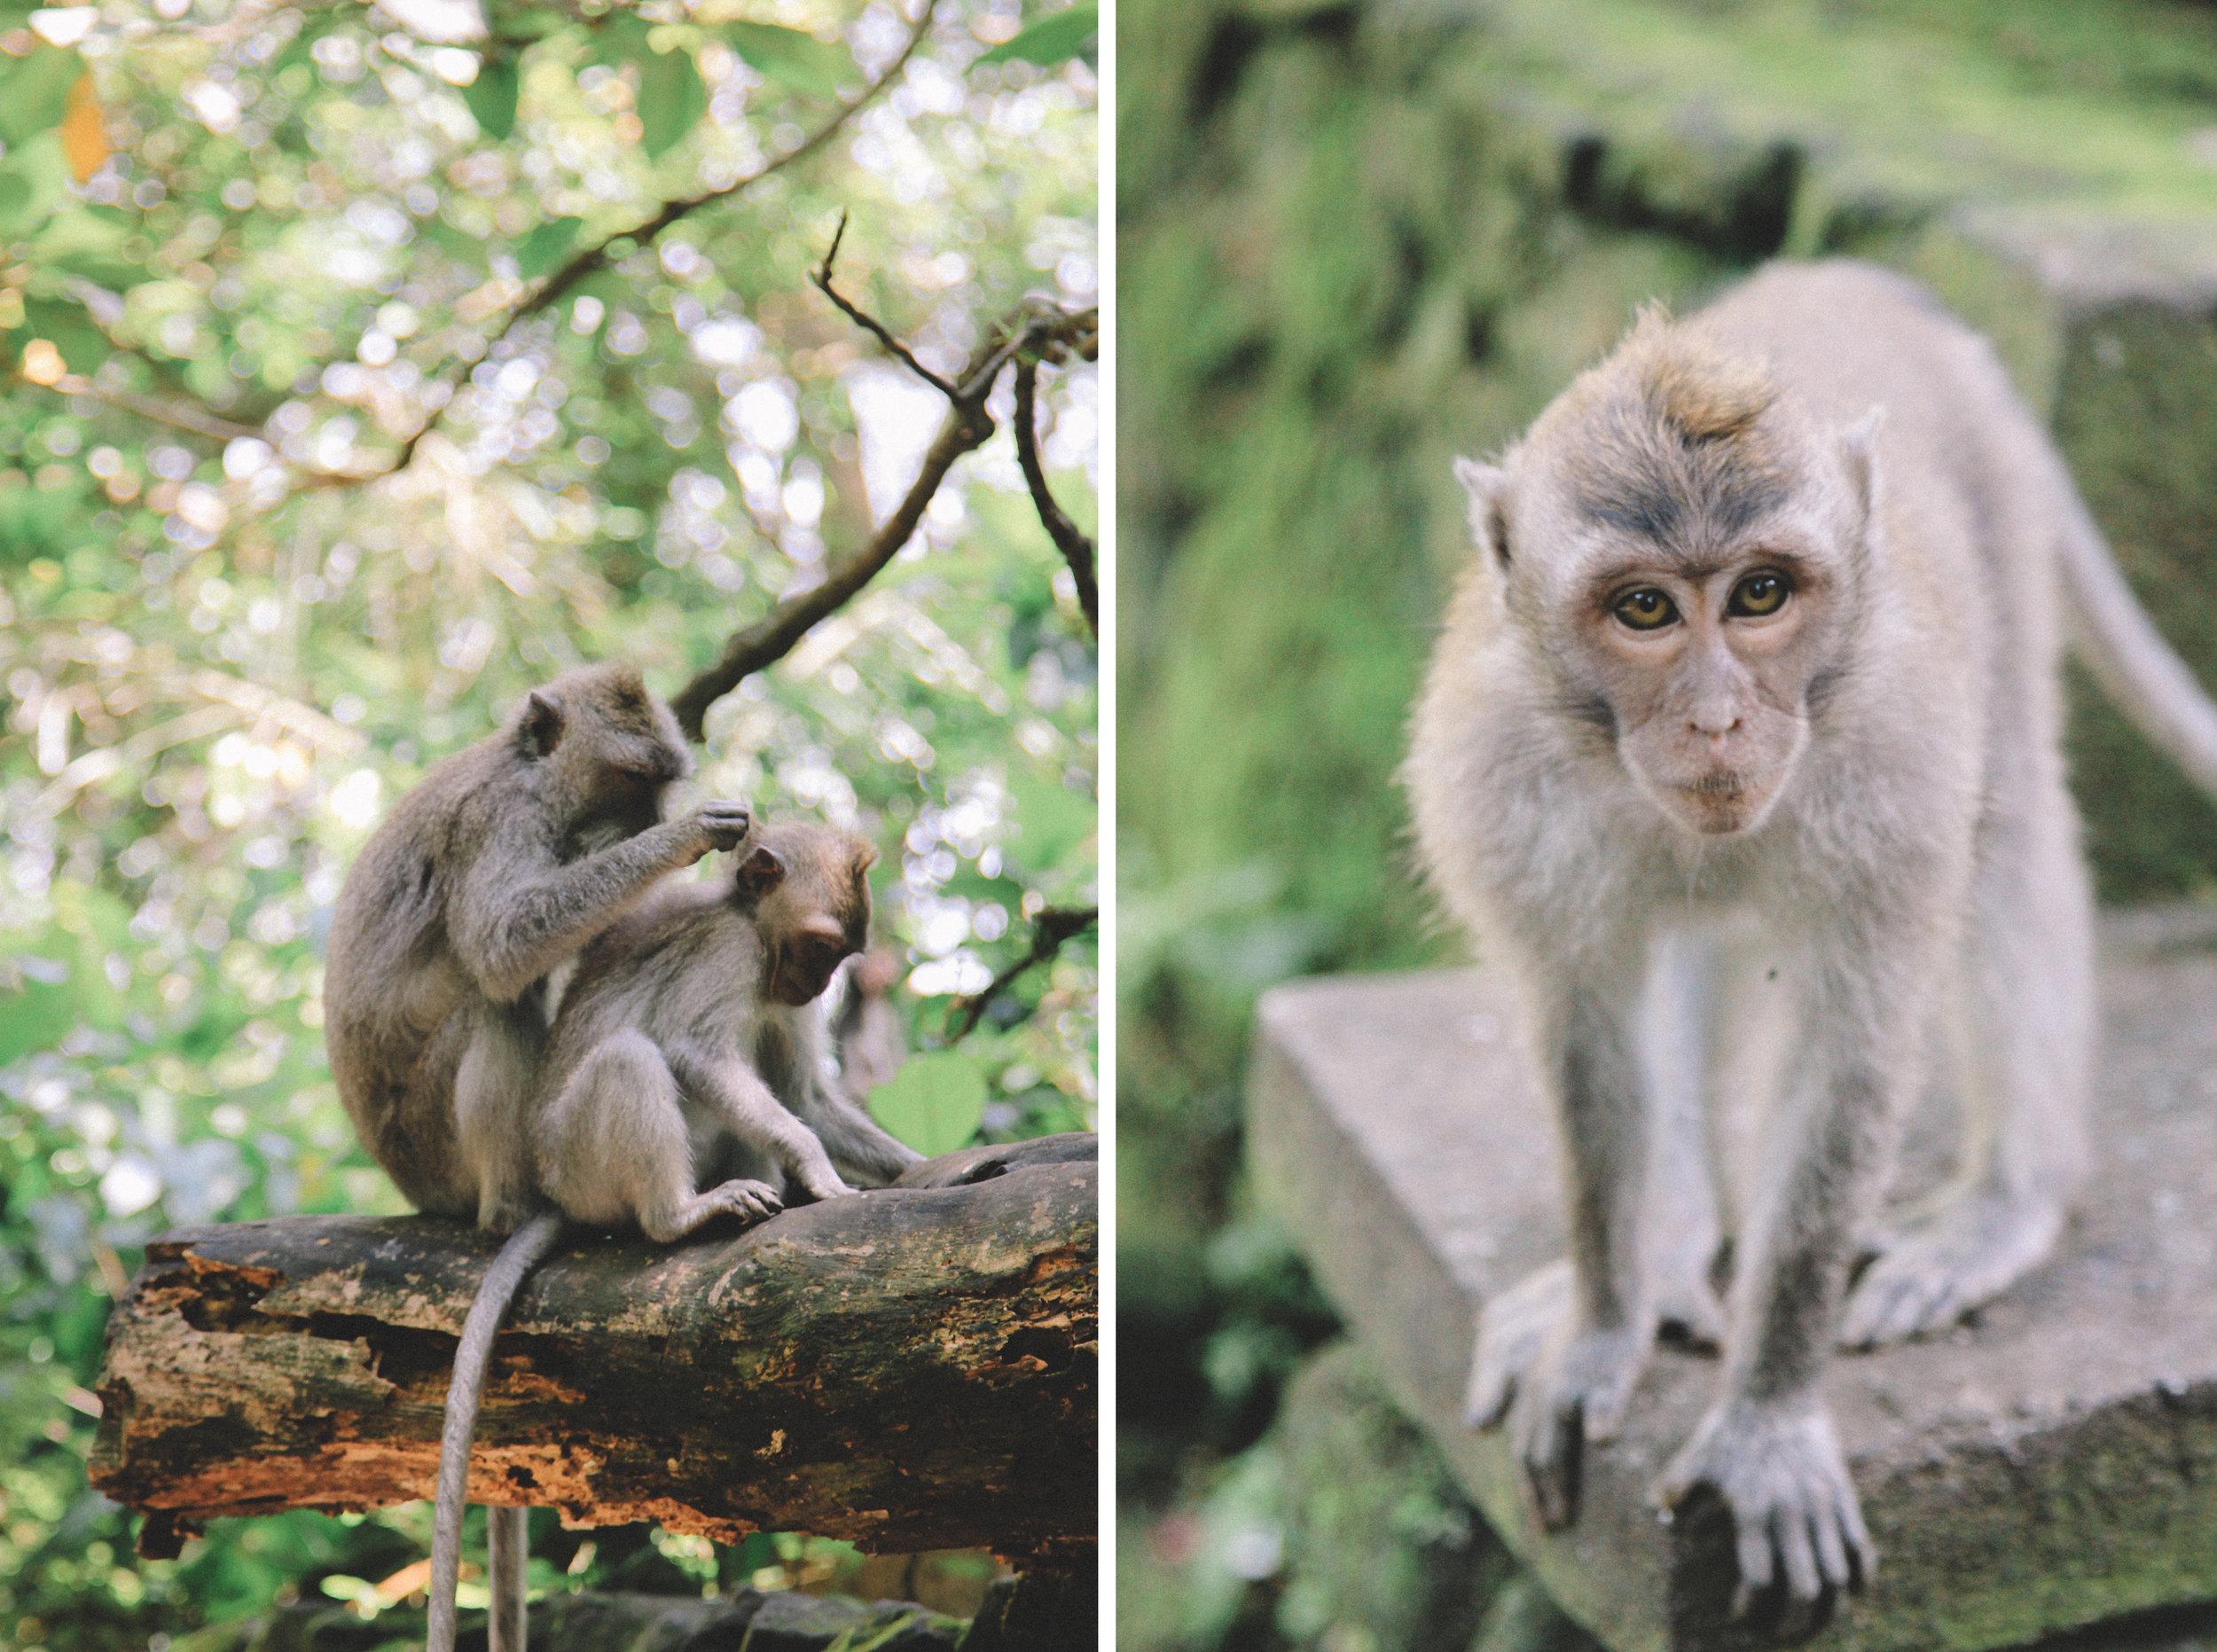 monkey-forest-ubud-bali-indonésie-foret-singes.jpg